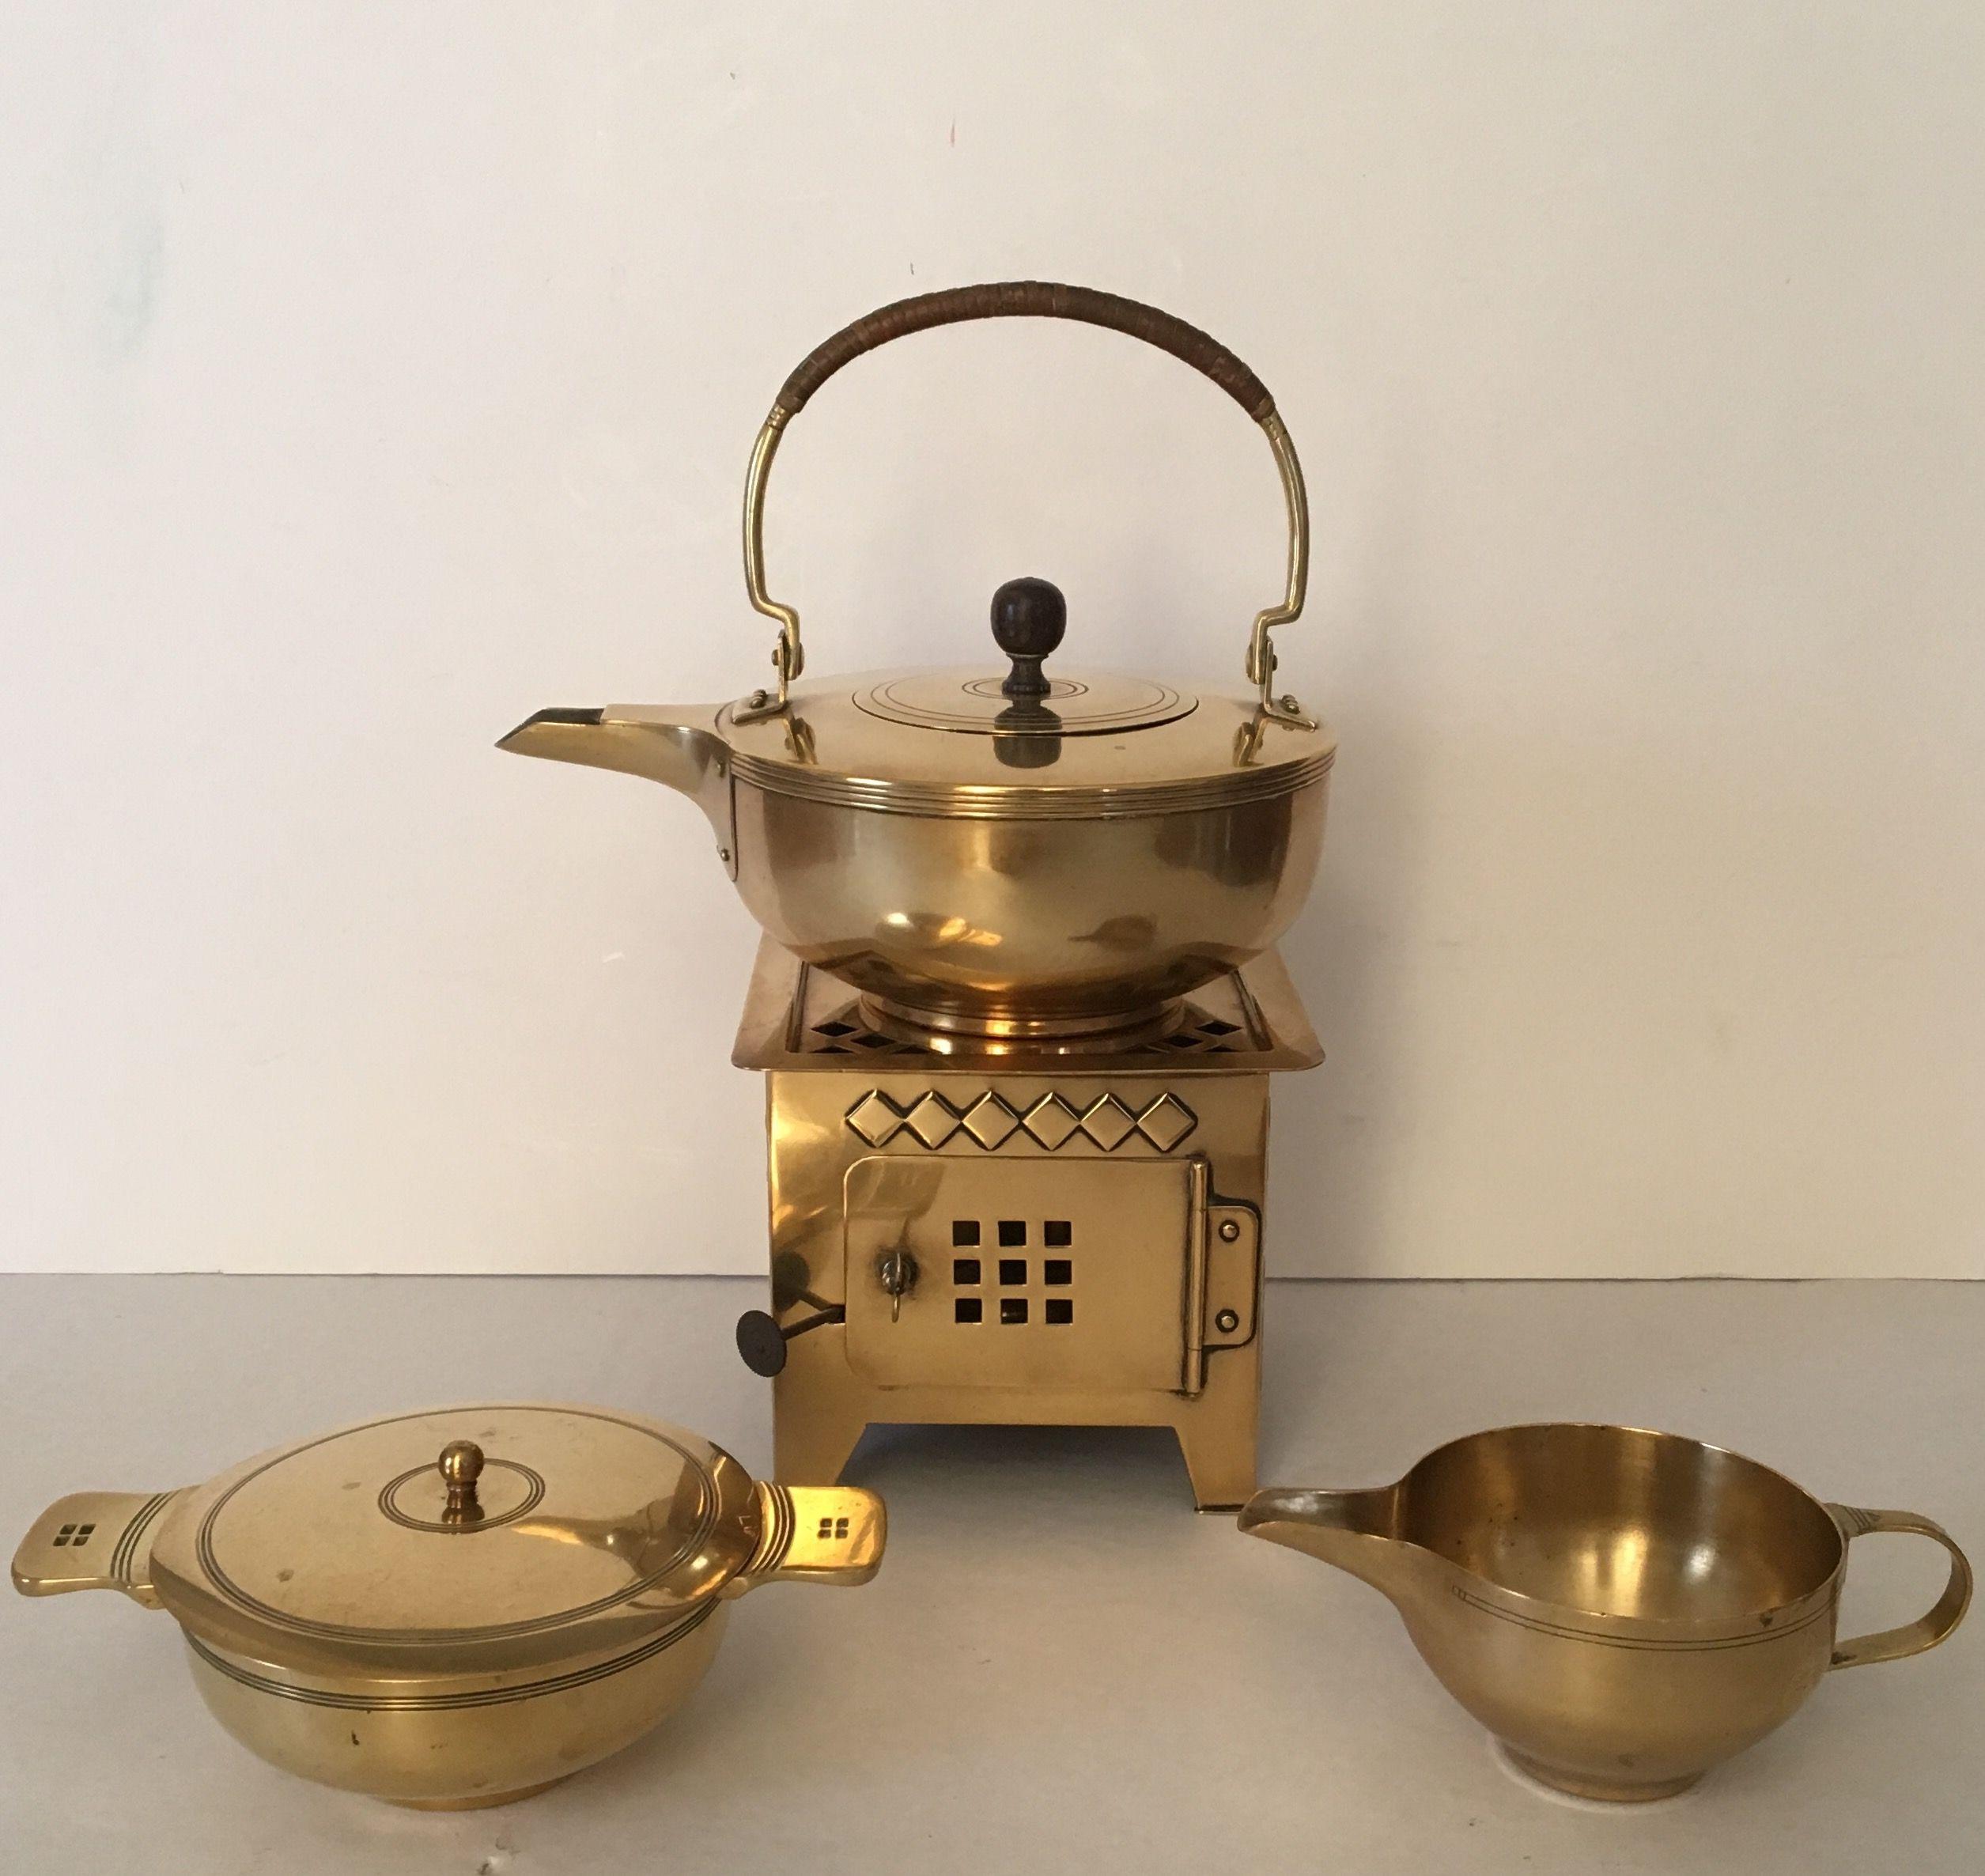 dutch nieuwe kunst brass coffee set made by jan eisenloeffel in 1905